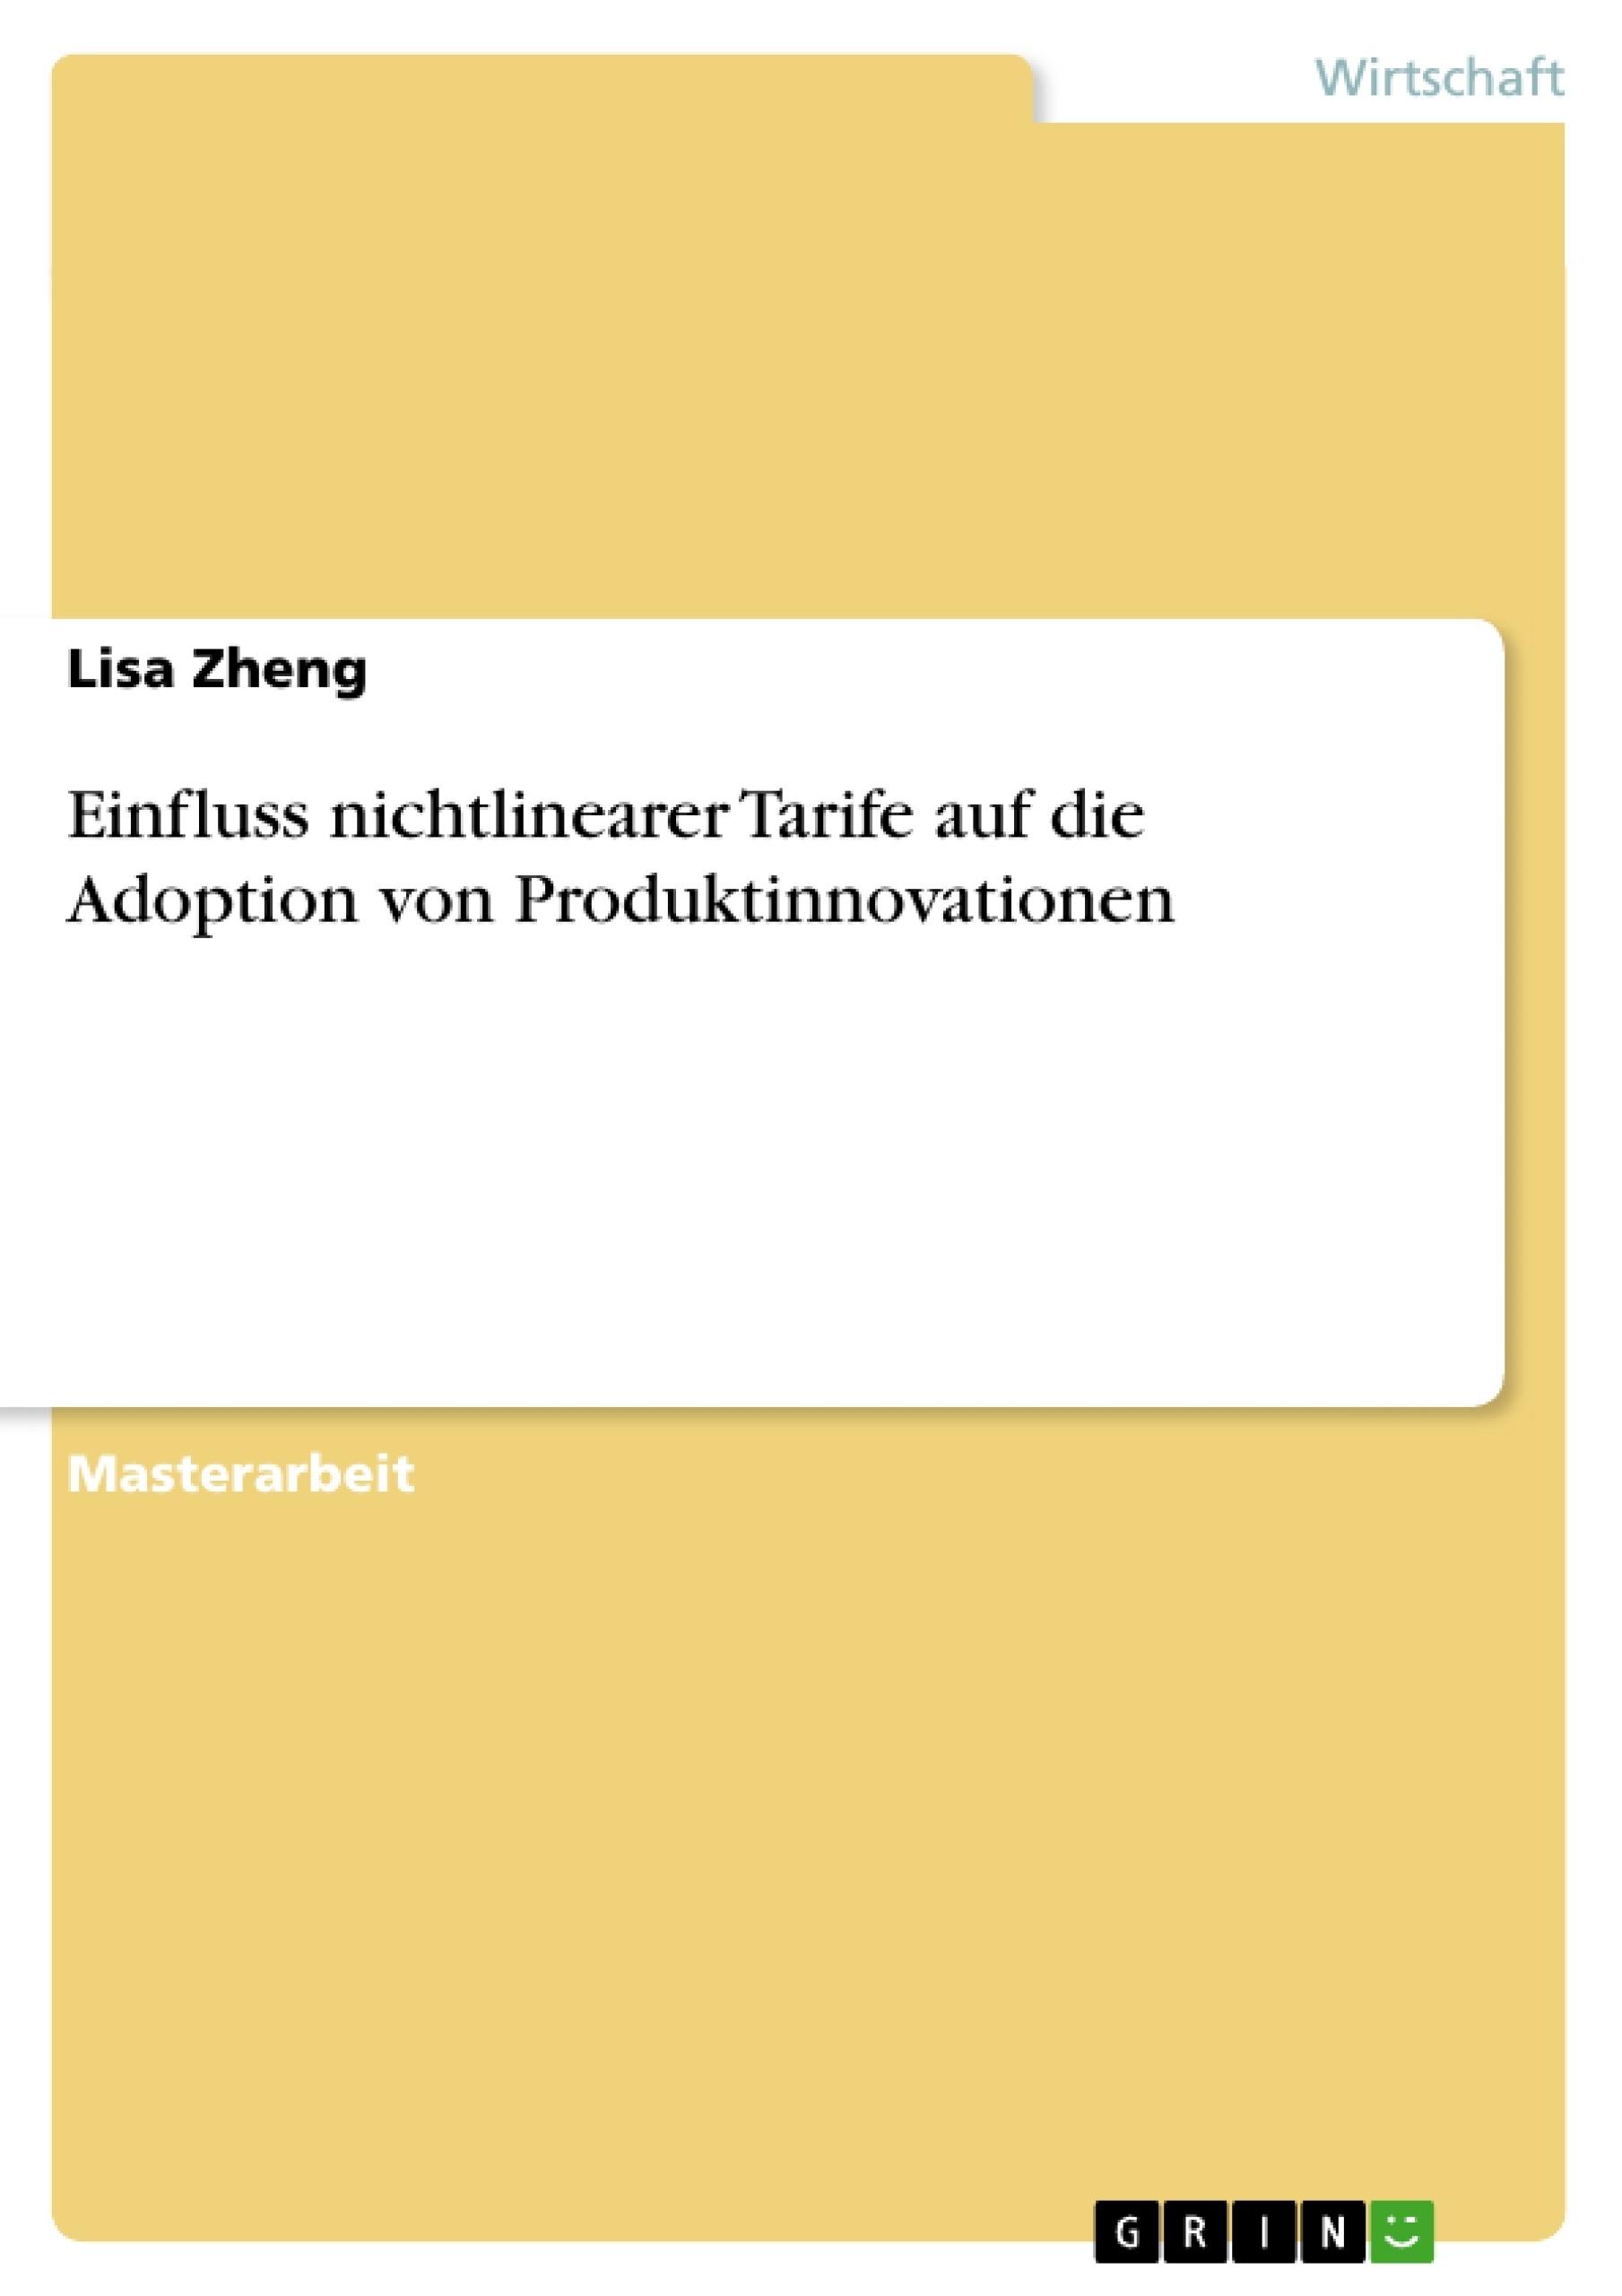 Titel: Einfluss nichtlinearer Tarife auf die Adoption von Produktinnovationen